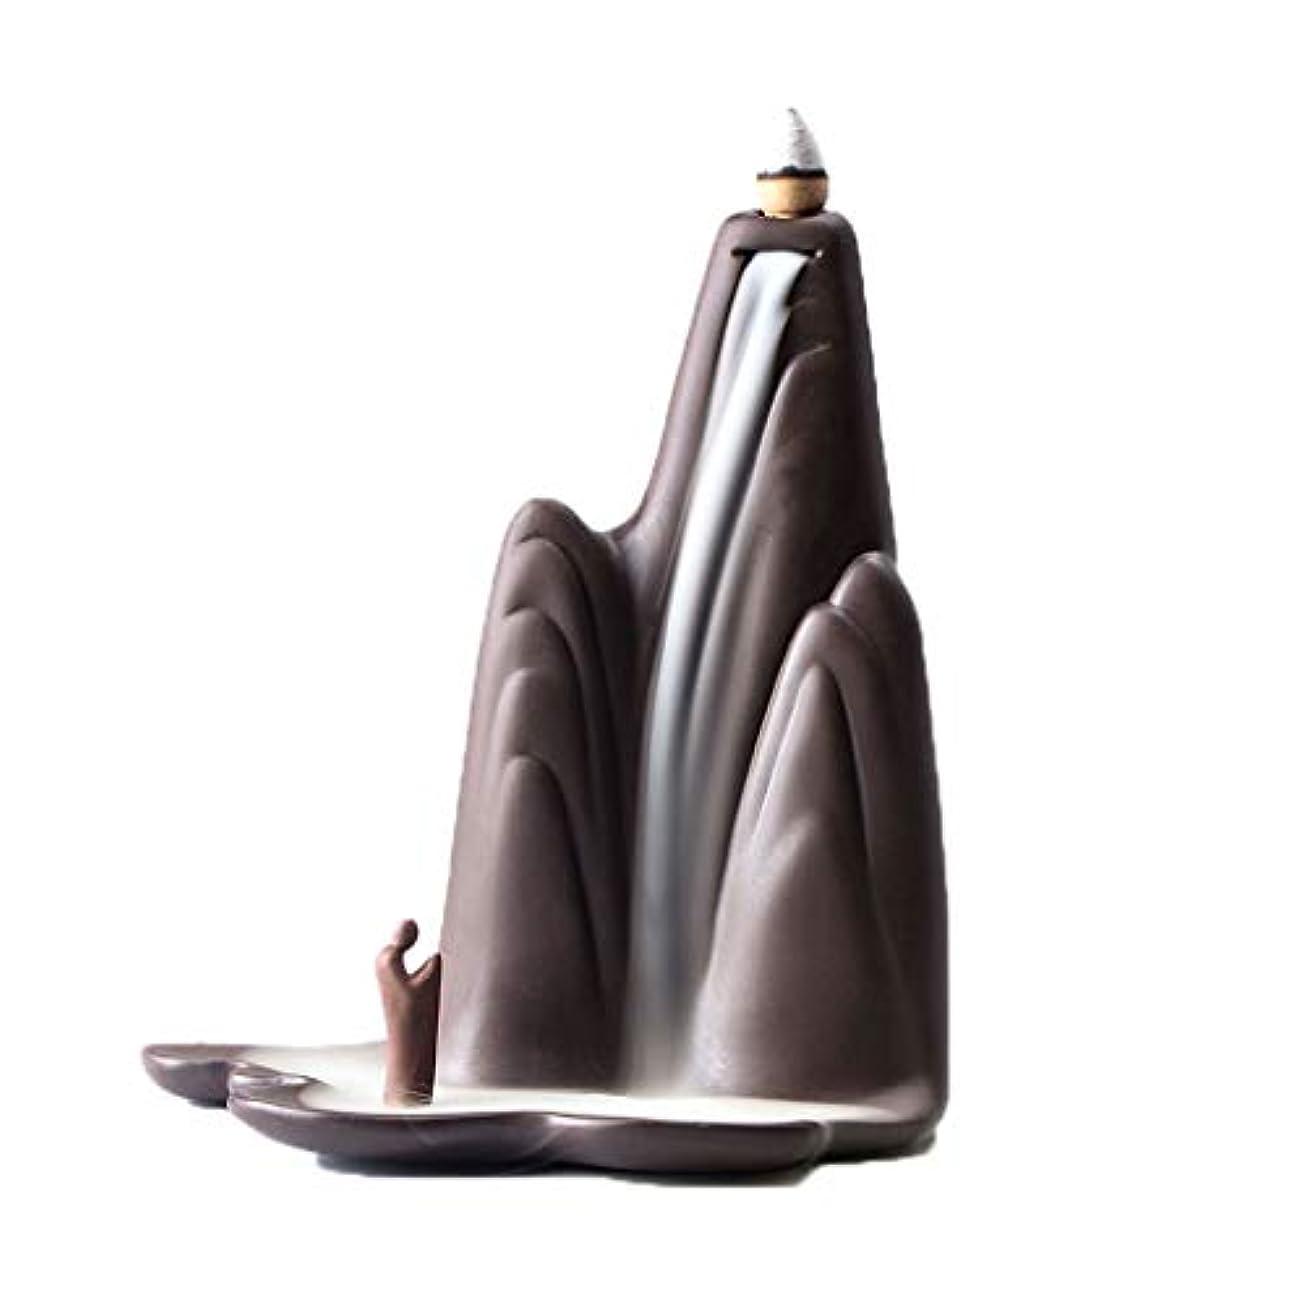 透明に真剣に規模ホームアロマバーナー レトロな懐かしい香炉紫砂香バーナー屋内茶道香バーナーアロマセラピー炉 アロマバーナー (Color : Purple sand)